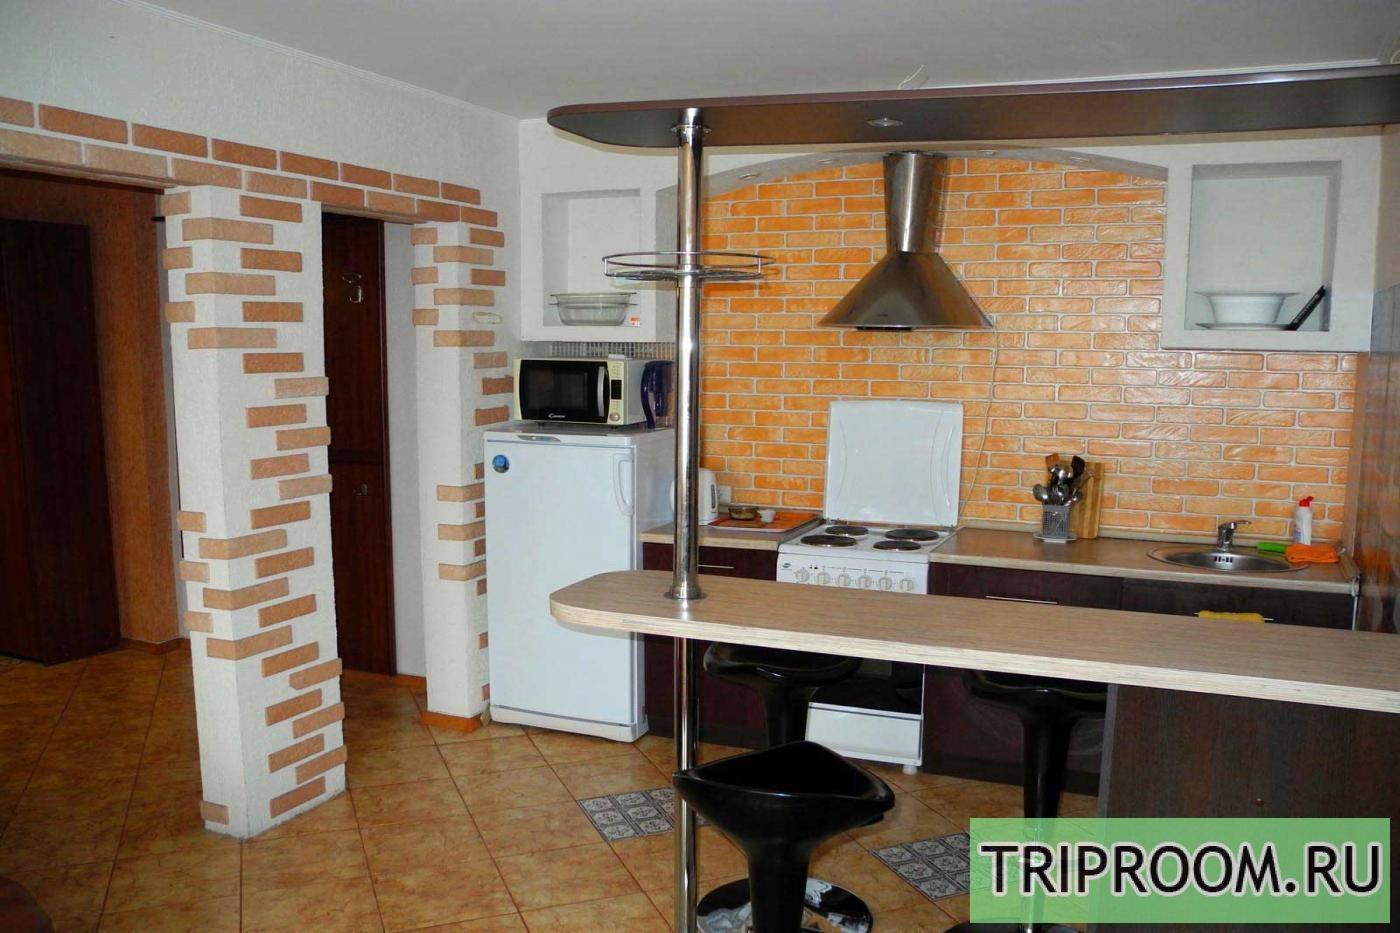 3-комнатная квартира посуточно (вариант № 9669), ул. Кольцовская улица, фото № 1